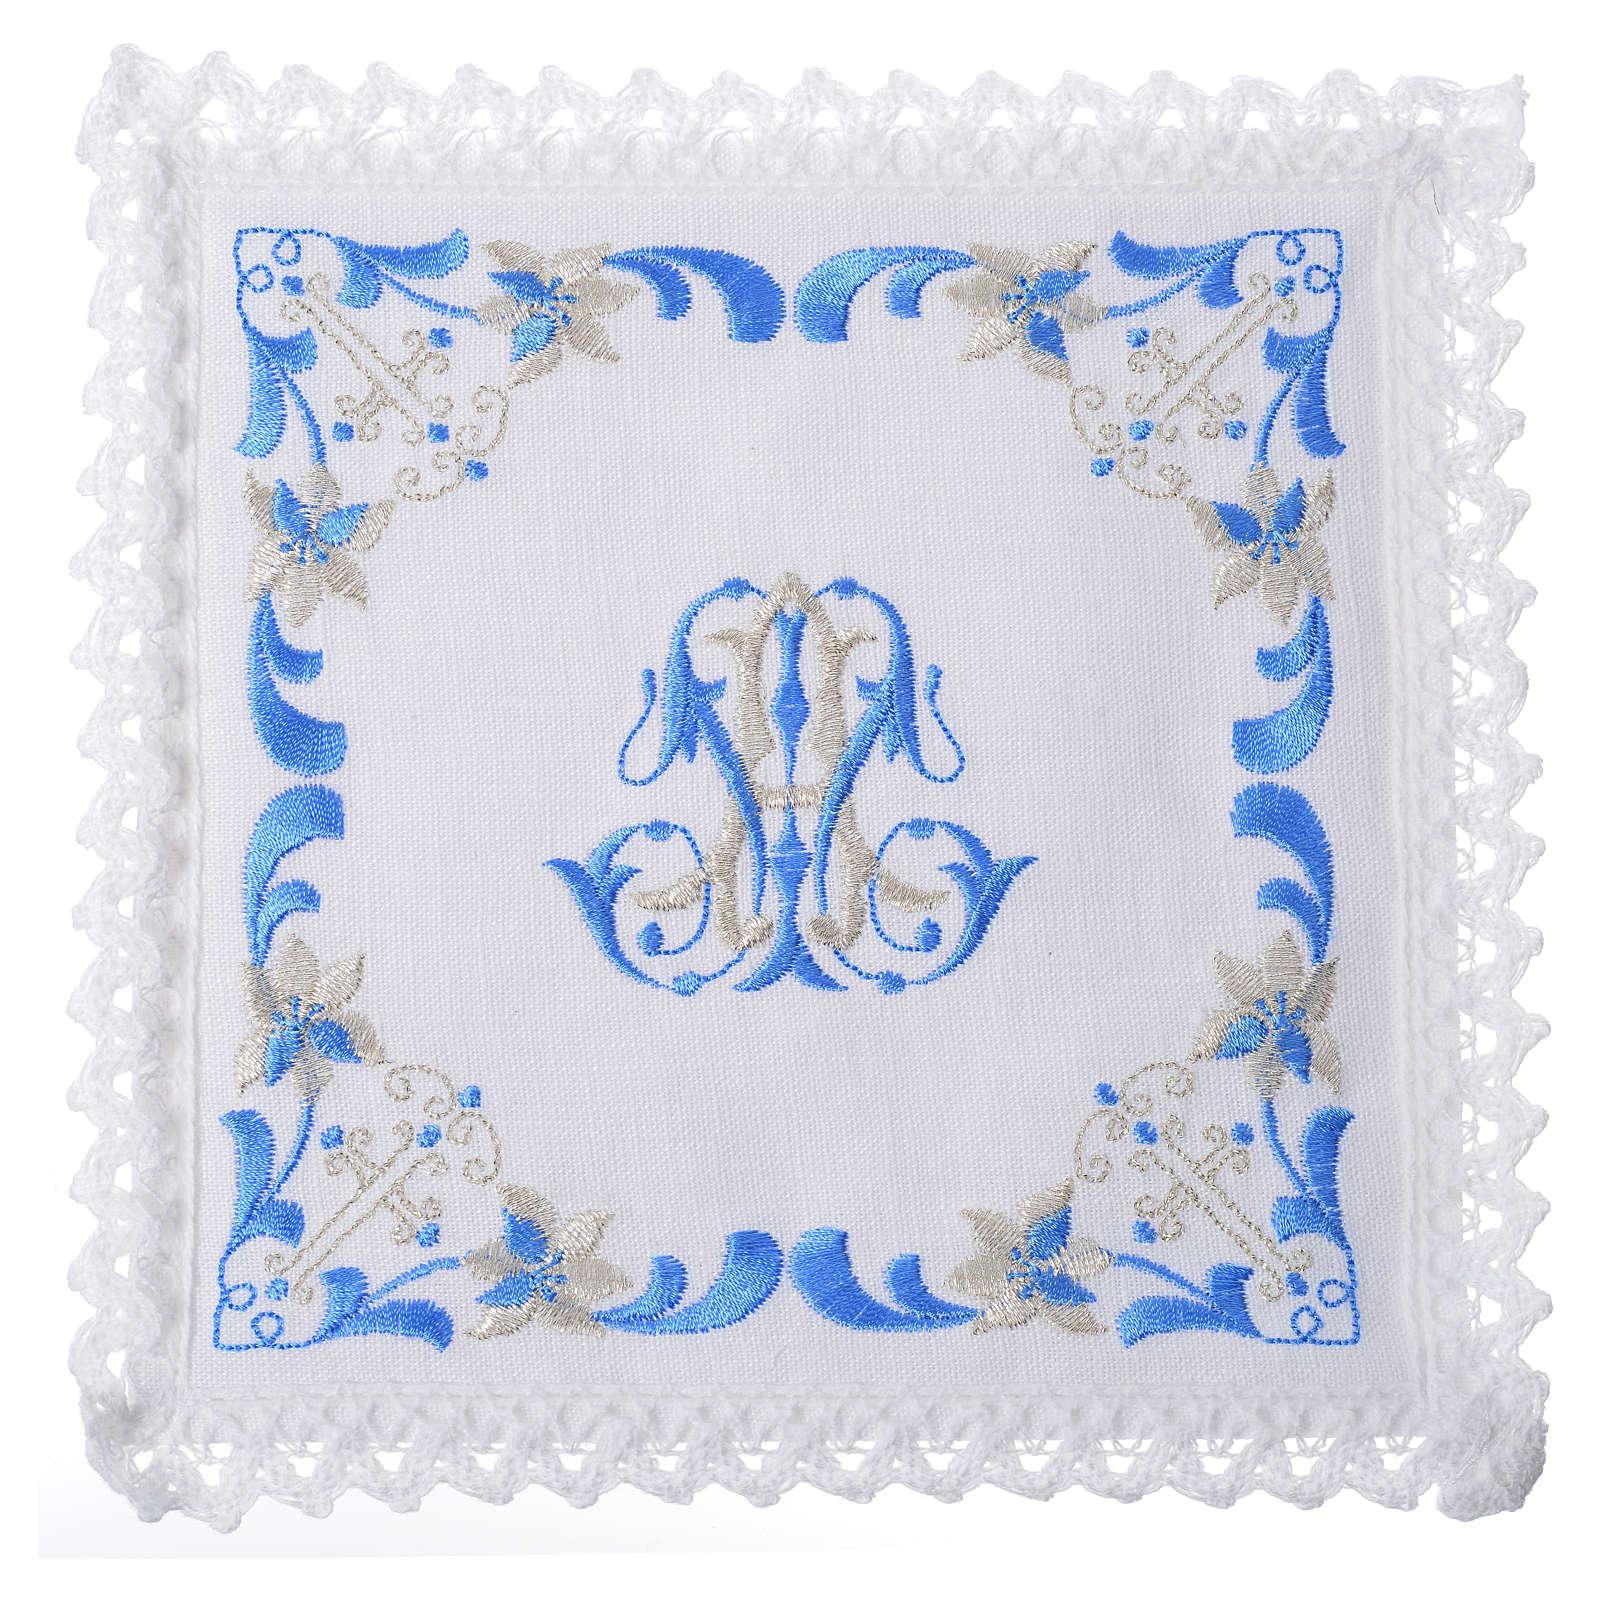 Conjunto de alfaia litúrgica 100% linho com símbolo mariano 4